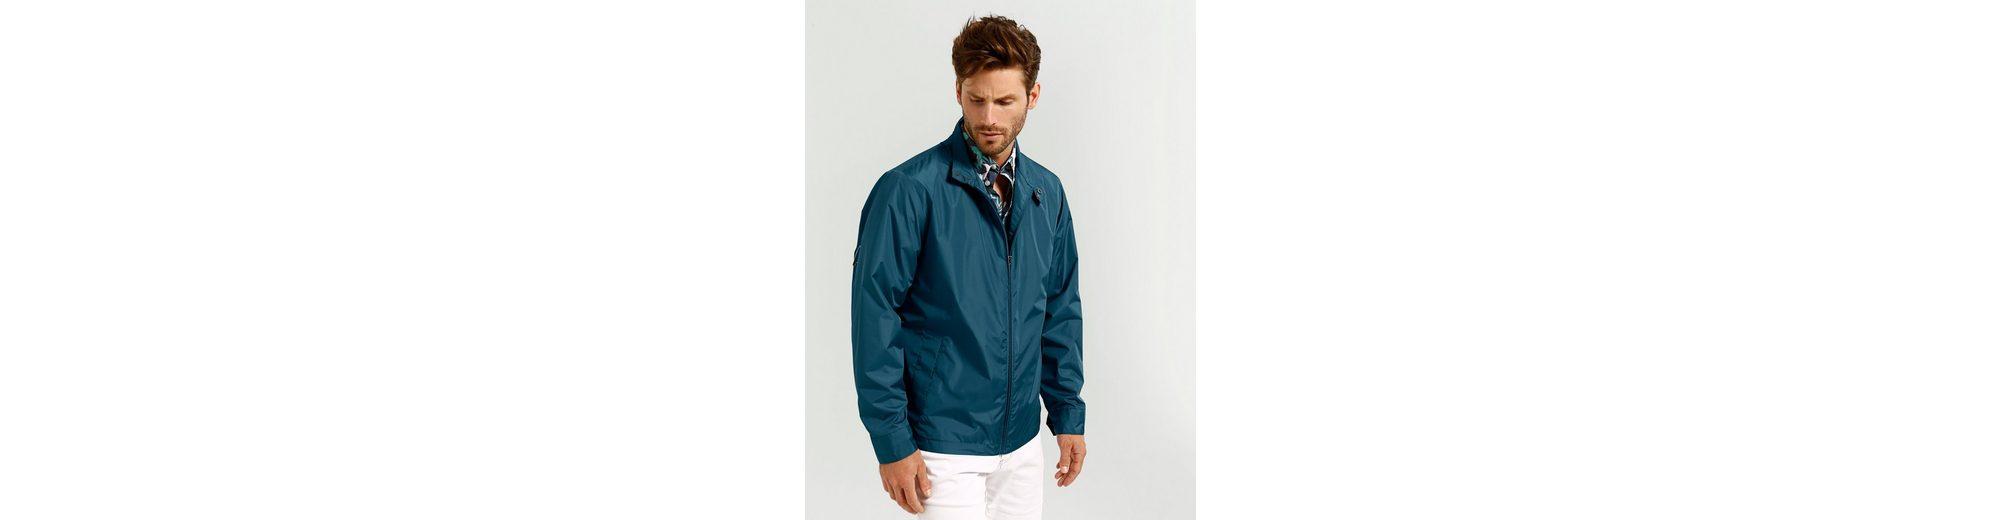 Günstig Kaufen Original Online-Shop Aus Deutschland Babista Jacke perfekt für den Übergang eNF0osg